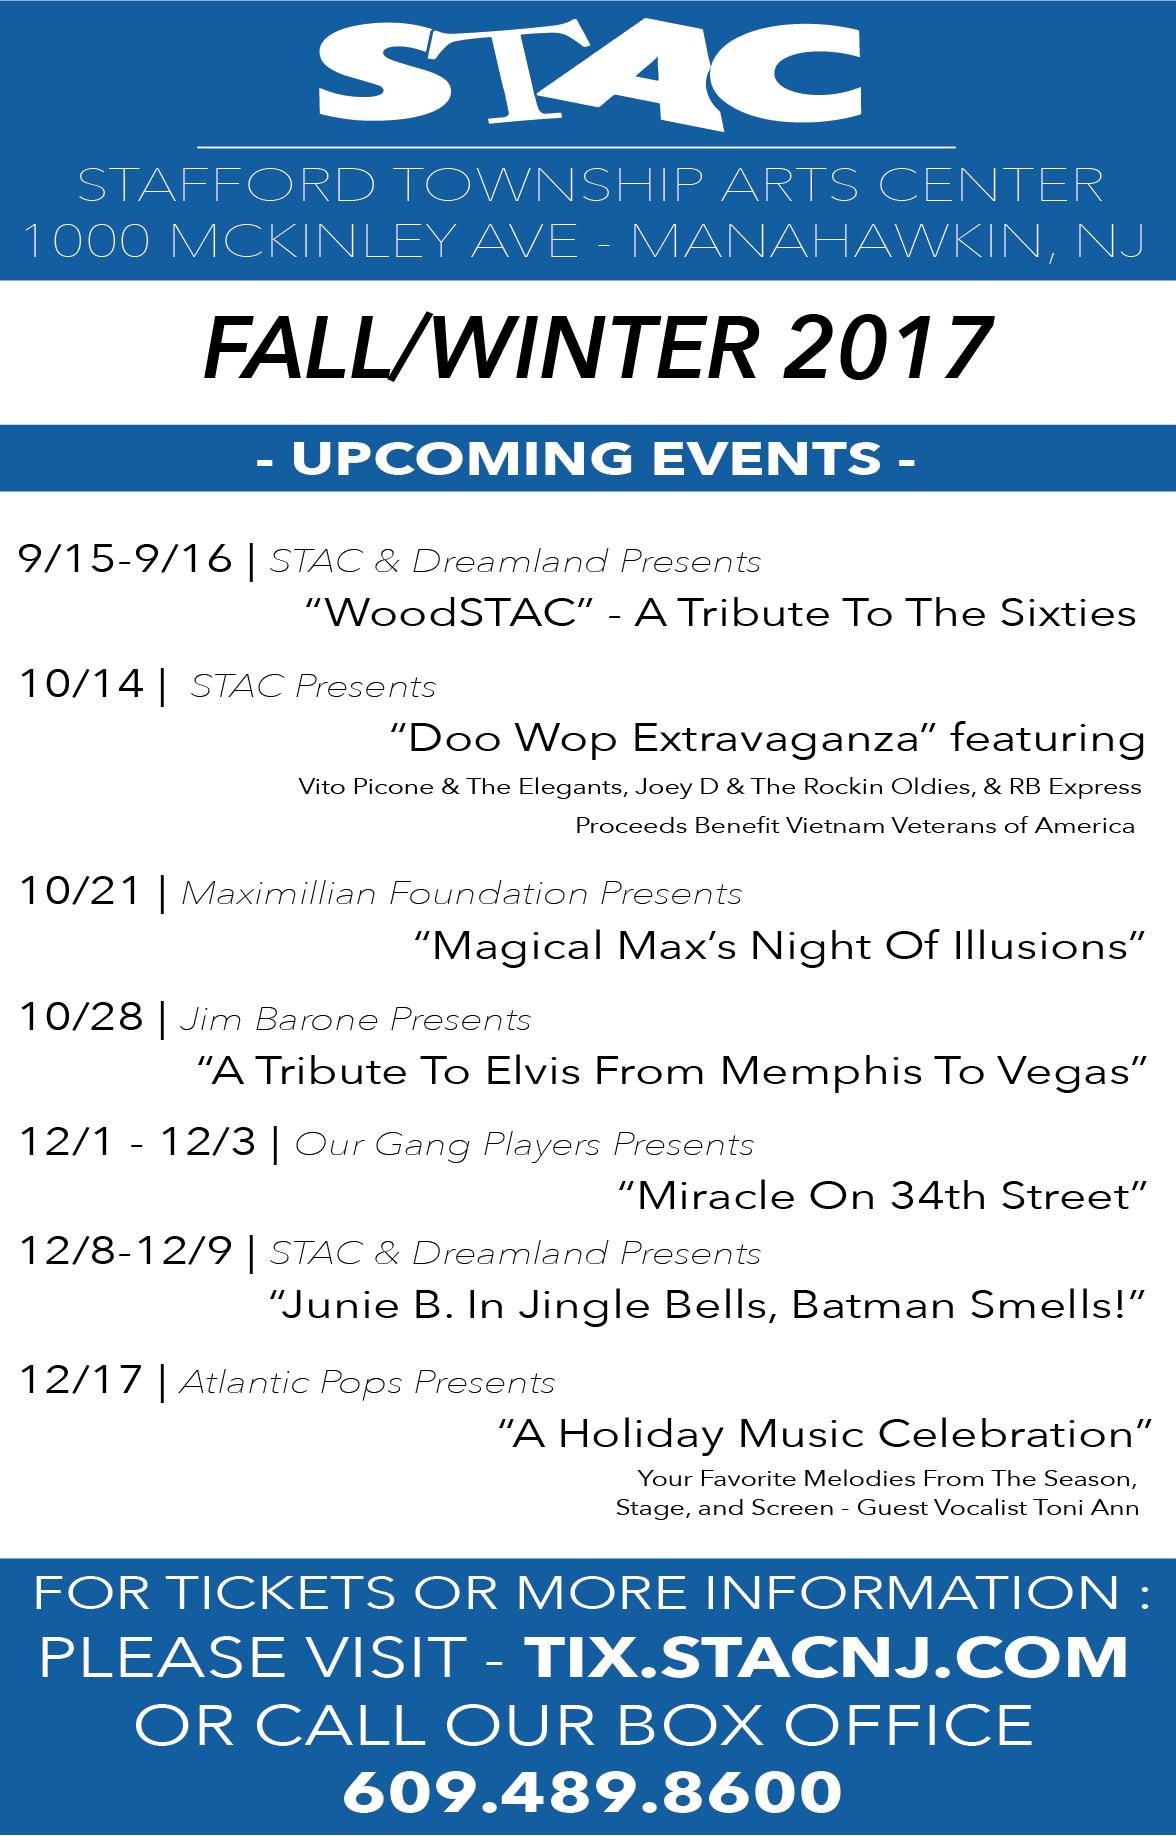 3e12b140b189d051d05b_fall_winter_schedule_2017.jpg